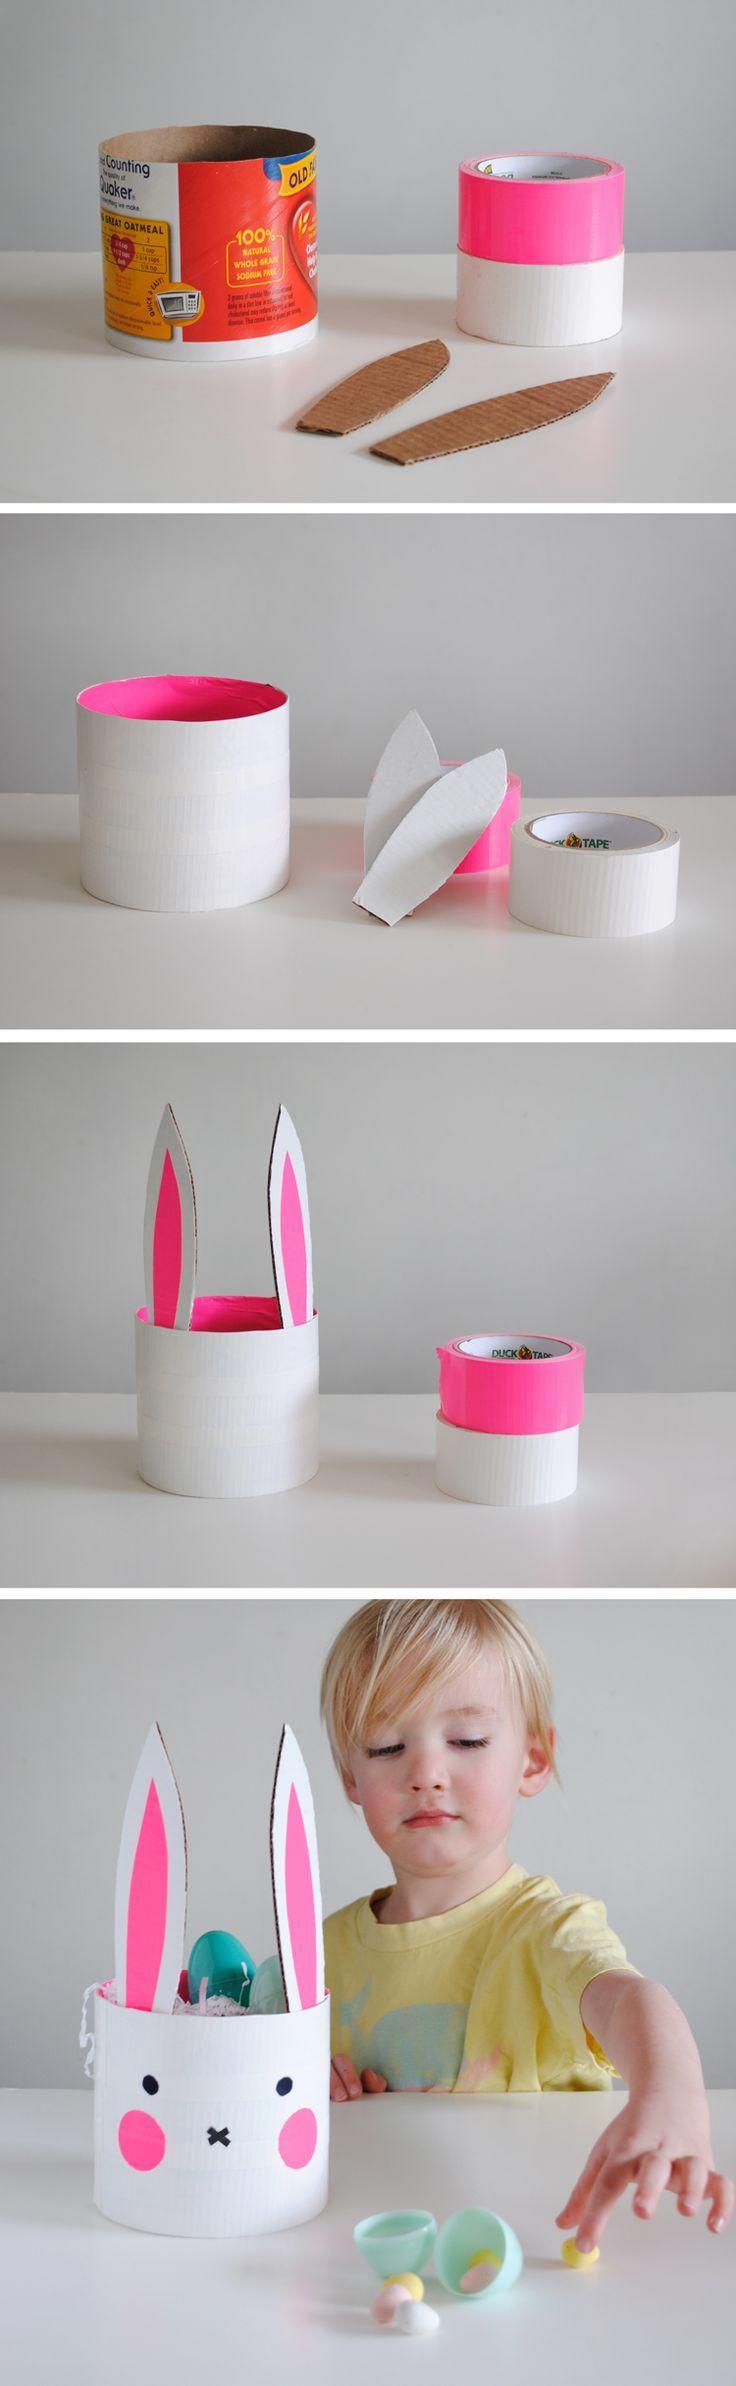 Ein Osterkörbchen im Upcycling Stil. Kann man aus einer großen Plastikflasche genauso machen wie aus einer großen Pappdose oder Konservendose. Entweder mit Washitape bekleben und die Ohren aus Pappe dazu basteln - oder mit Farbe anpinseln.